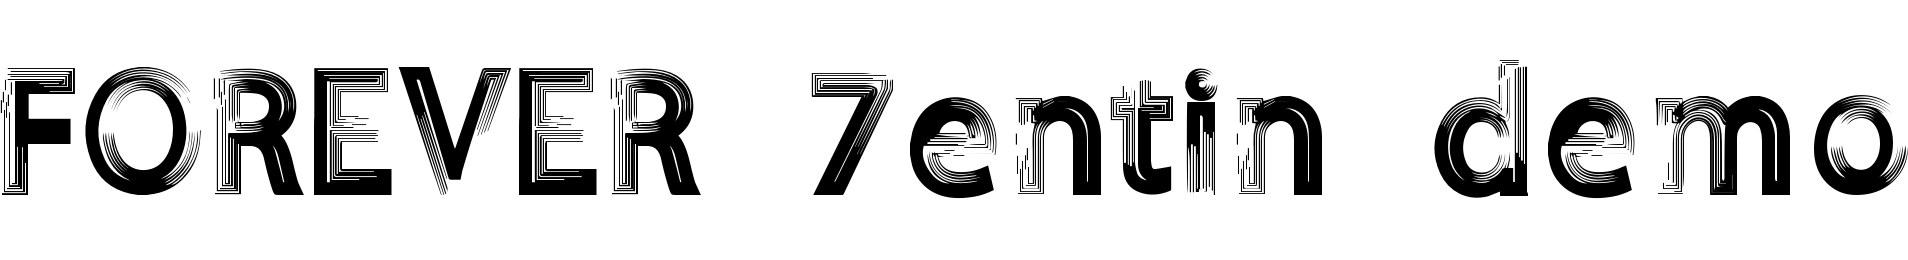 FOREVER 7entin demo